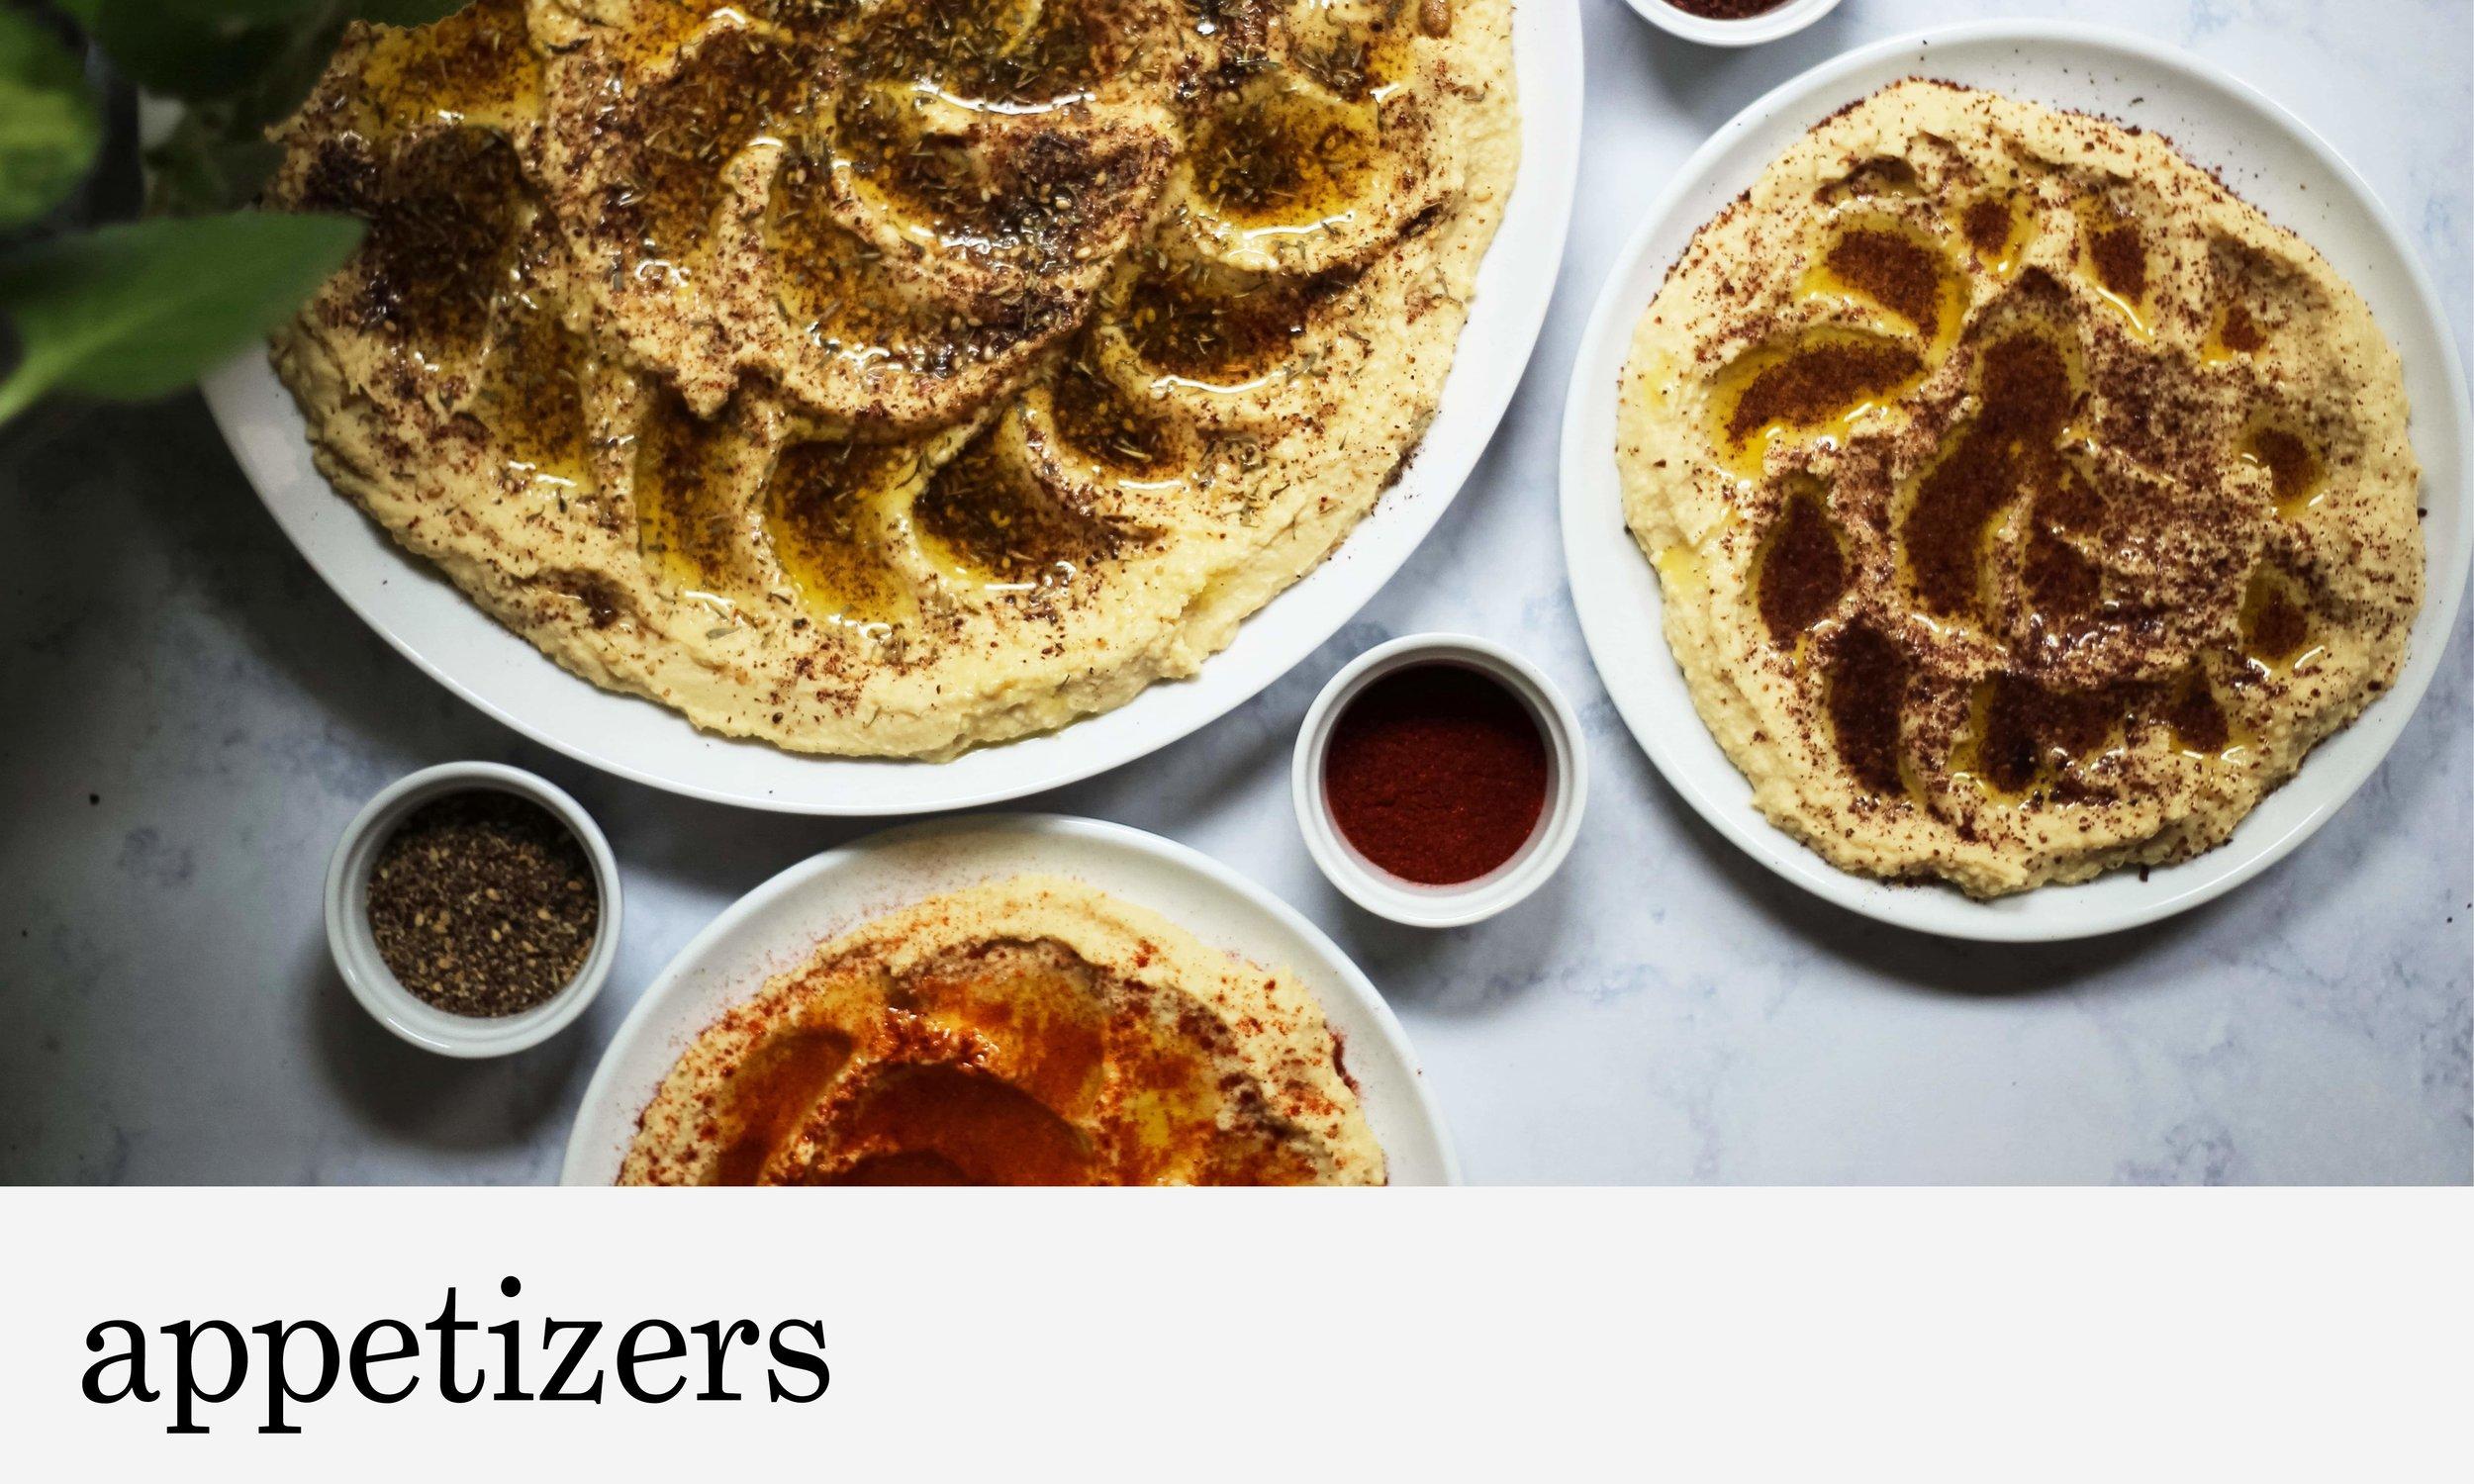 9. appetizers-min.jpg